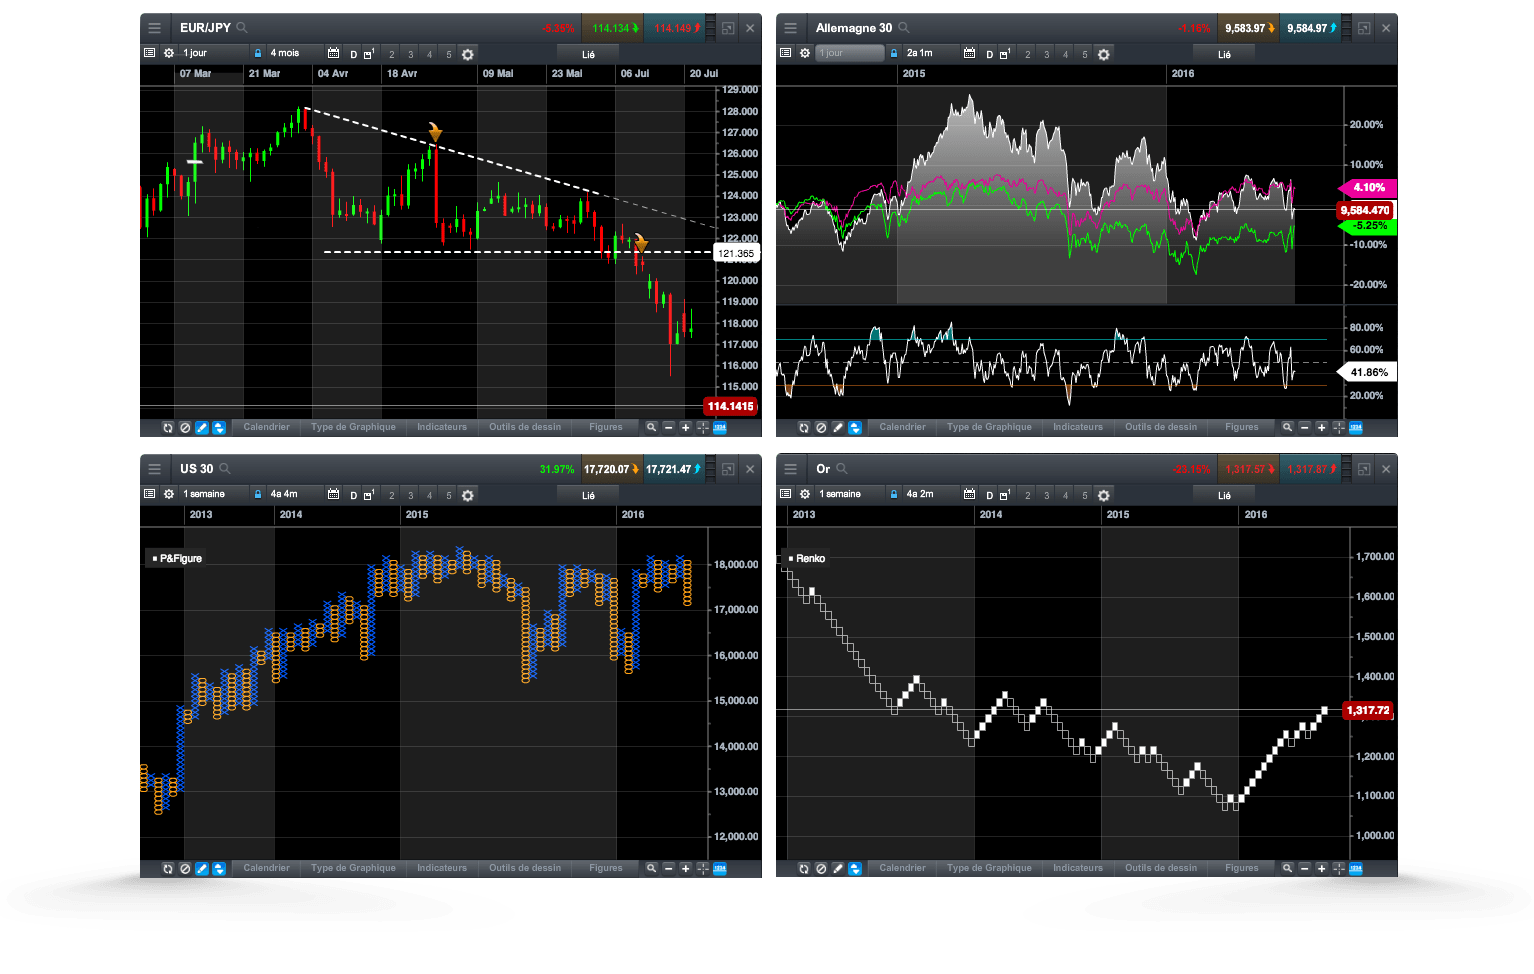 cmc markets com